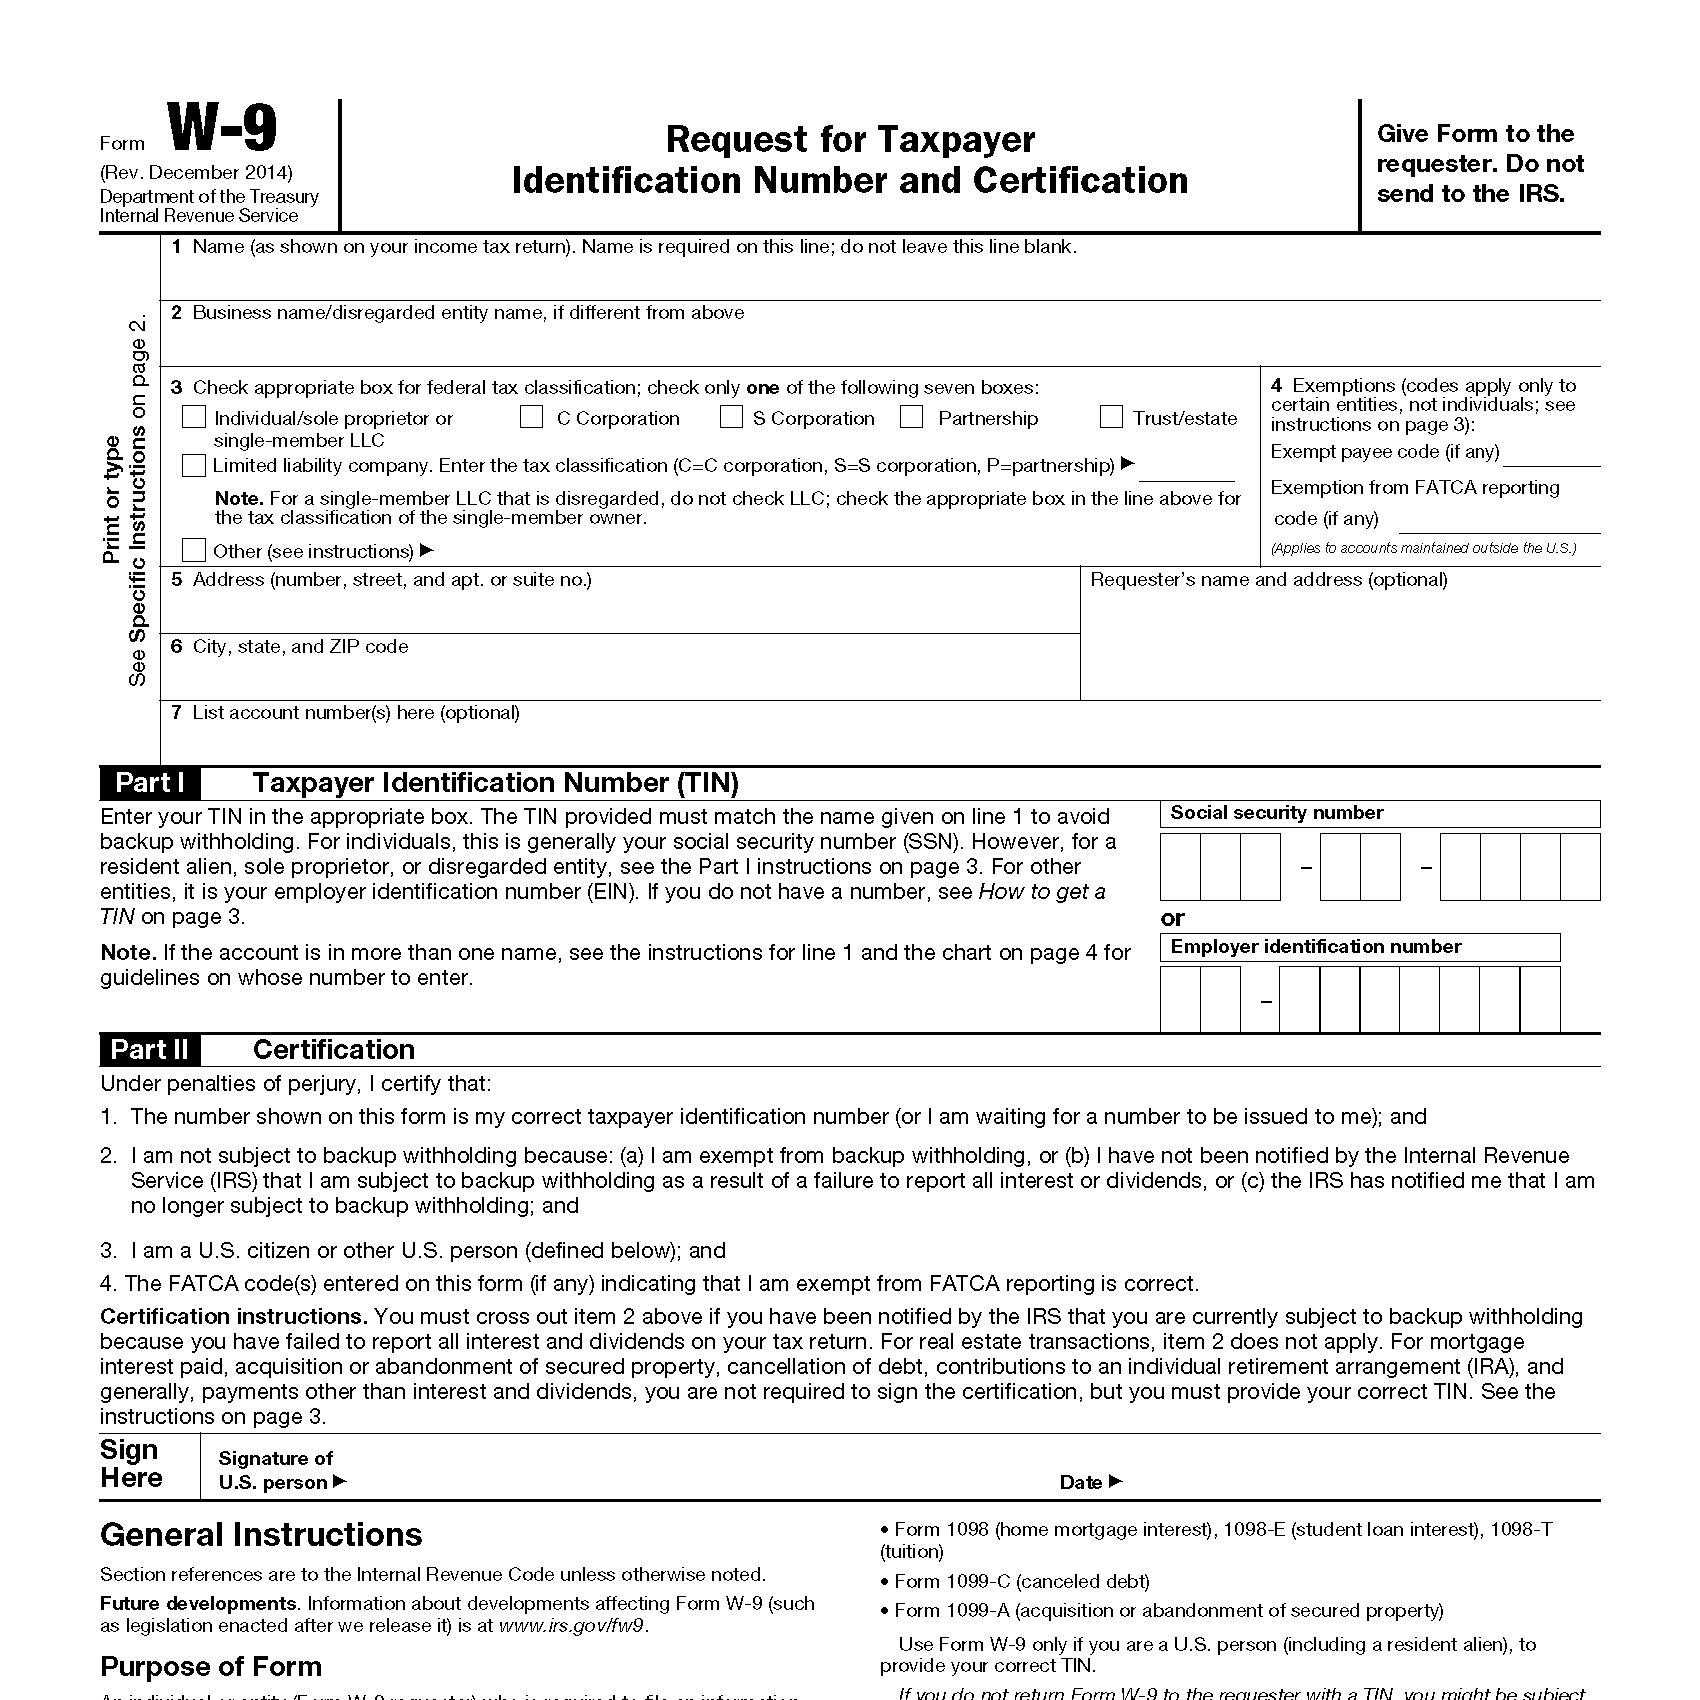 Form W-9